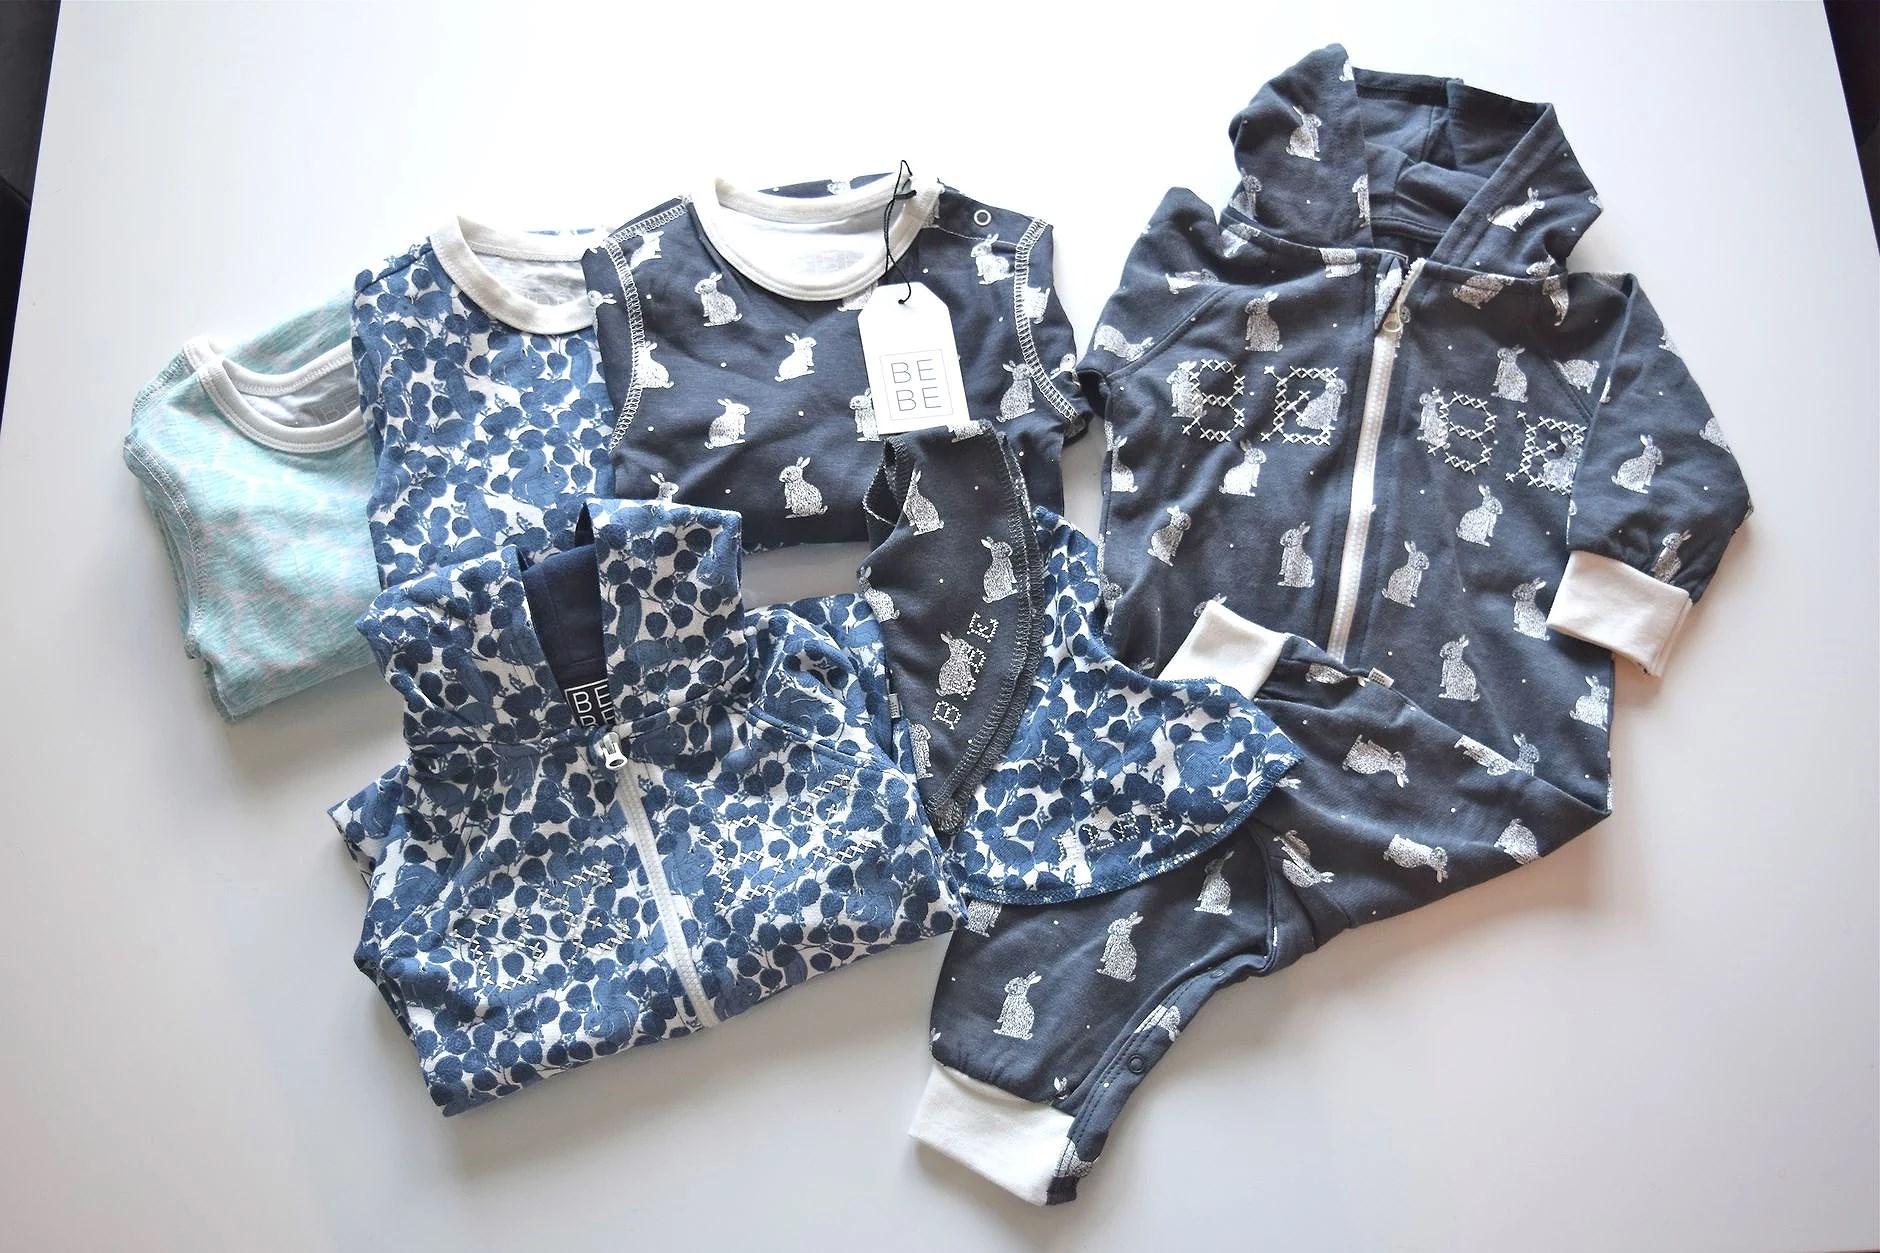 Första babykläderna!